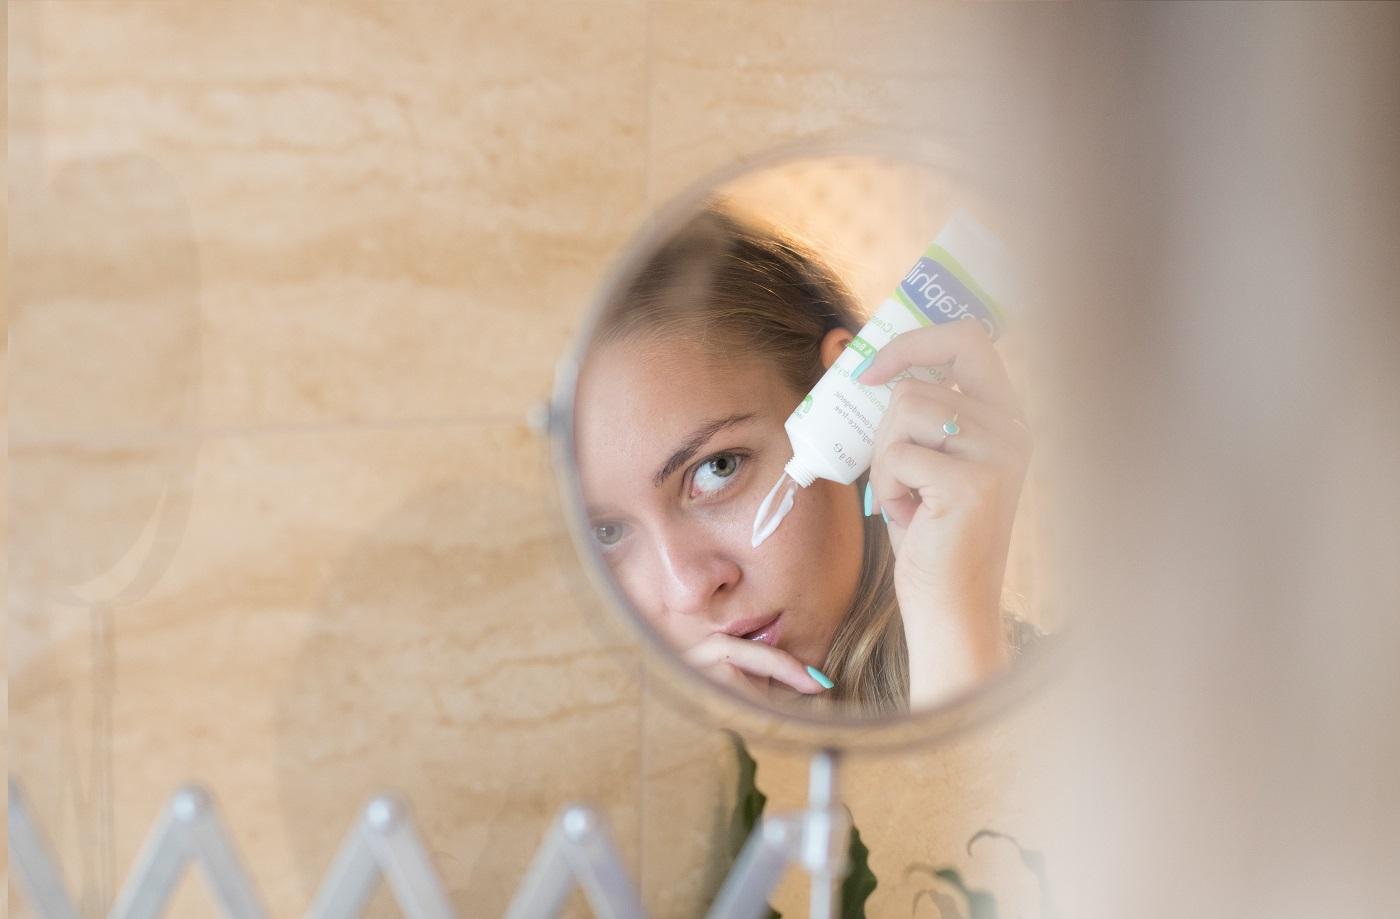 hogyan kell kezelni a pikkelysömör chaga a fejbőr pikkelysömörének kezelése réz-szulfáttal